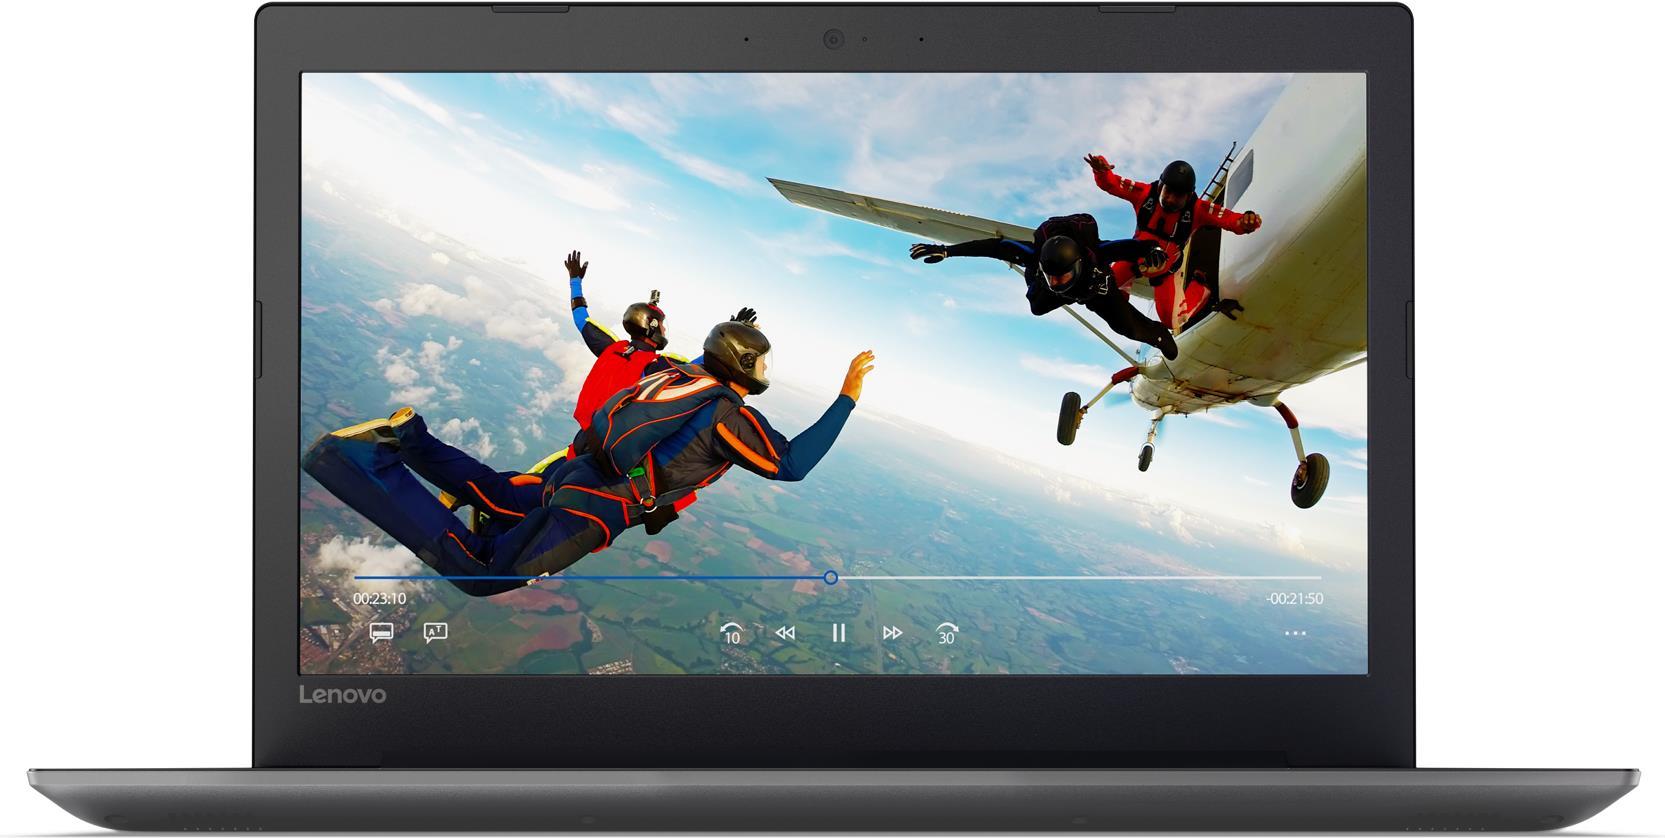 Notebooks, Laptops - Lenovo IdeaPad 320 15AST 3GHz A9 9420 15.6' 1366 x 768Pixel Schwarz Grau Notebook (80XV00XAGE)  - Onlineshop JACOB Elektronik